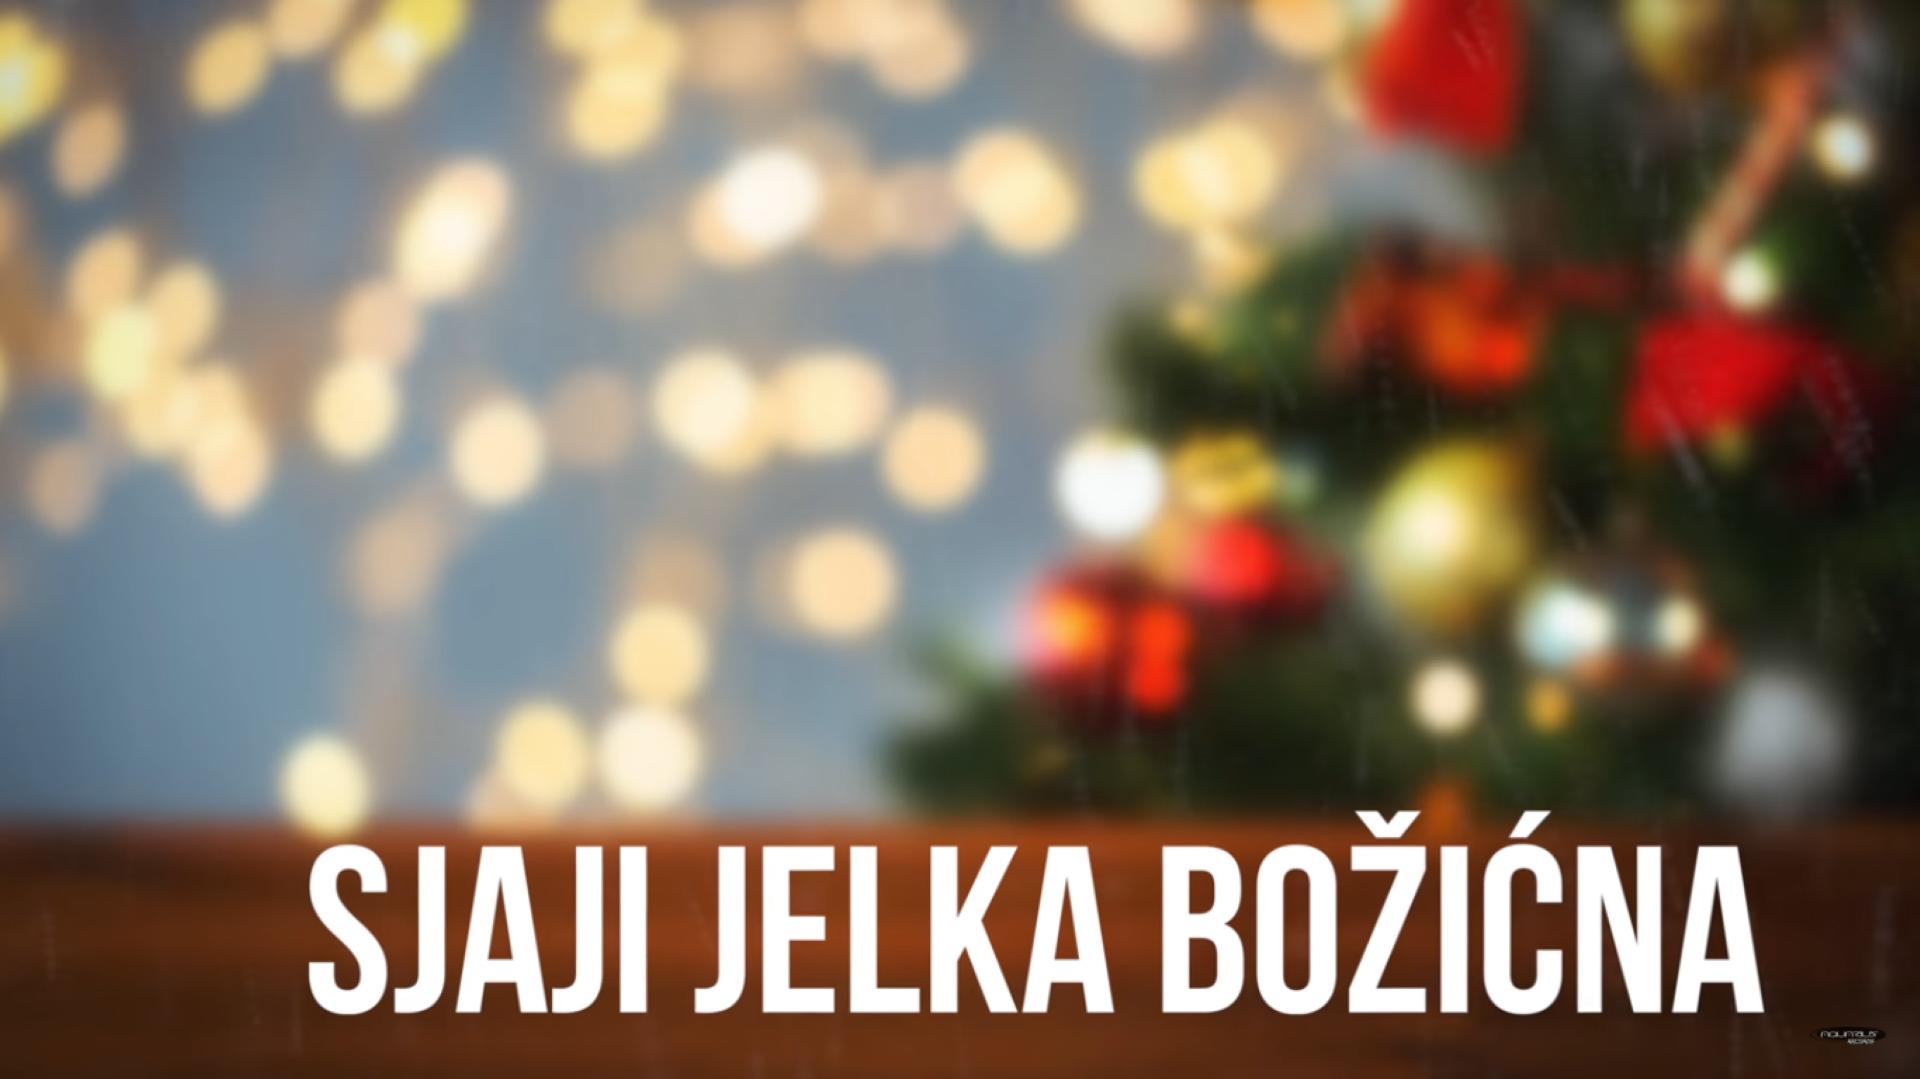 Photo of Nina Badrić, Massimo, Marko Tolja, Bane i sestre Husar snimili božićnu pjesmu